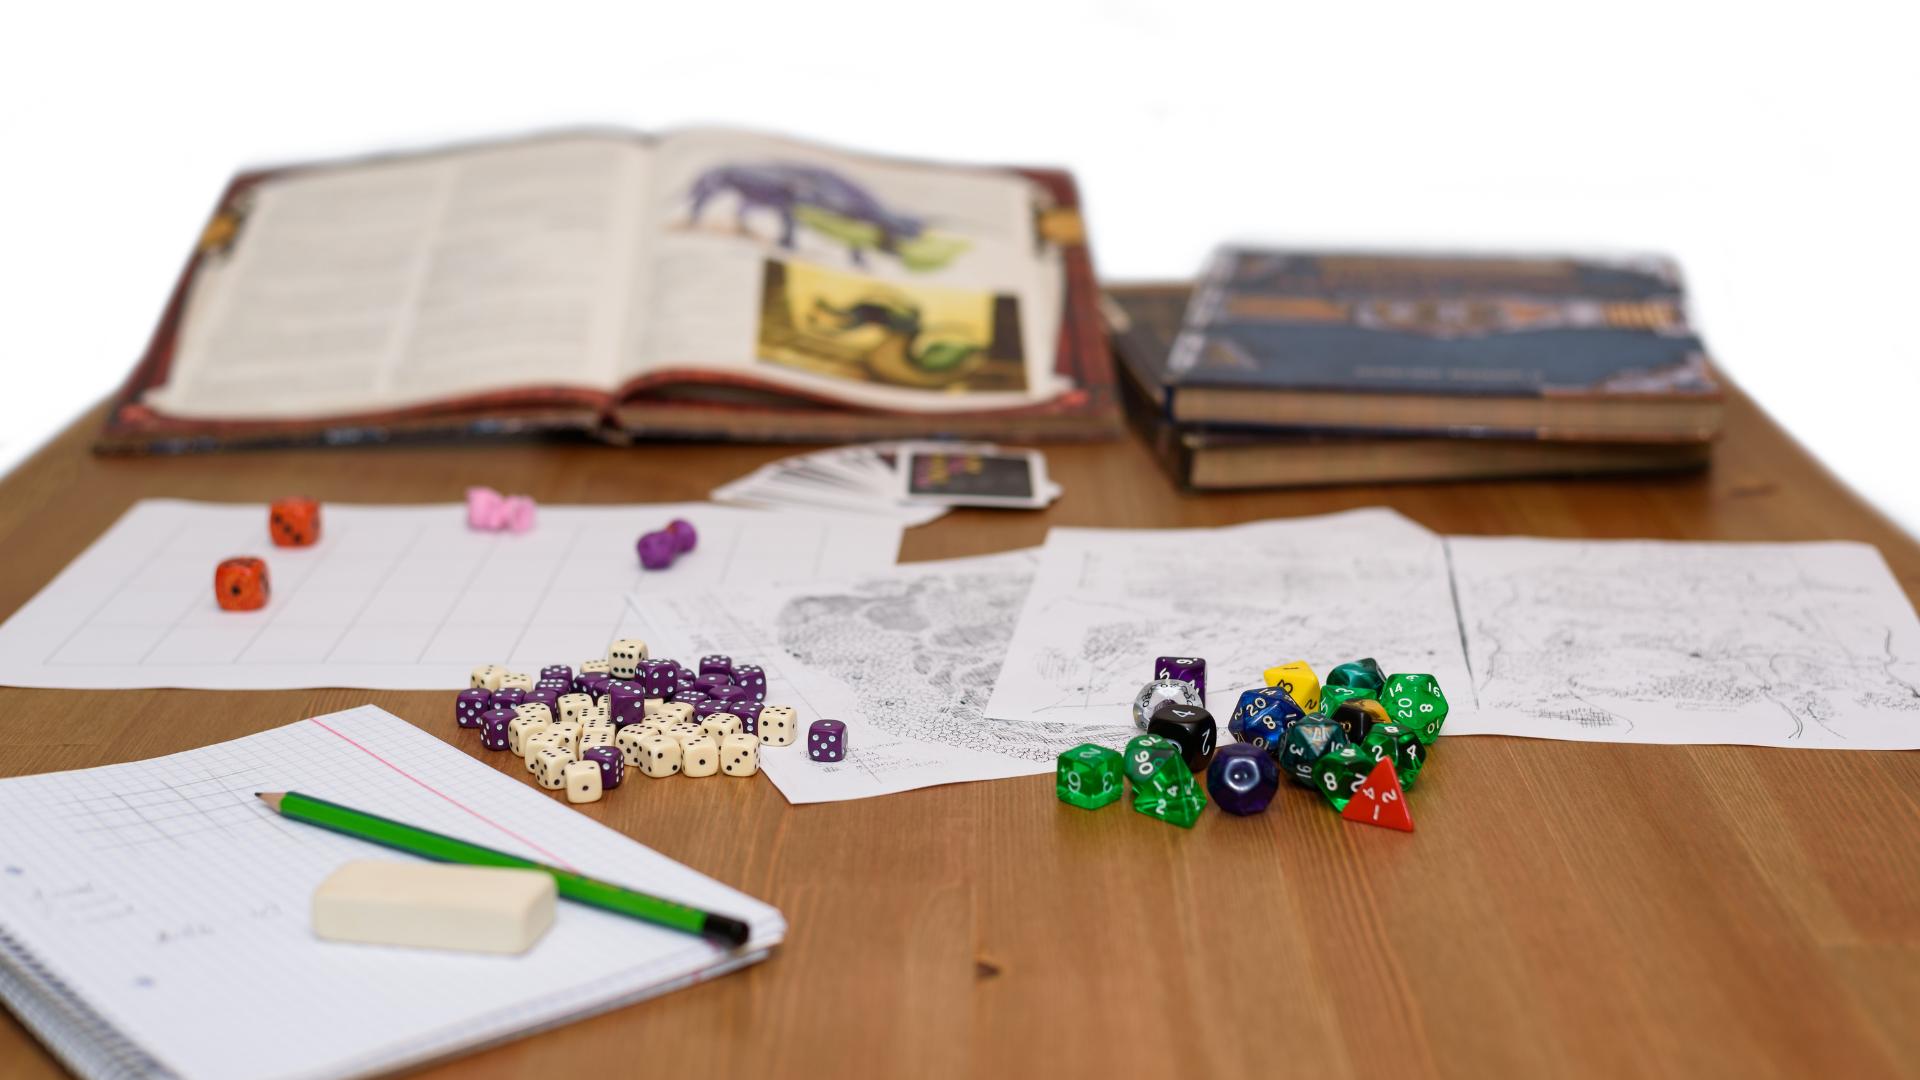 Manuali gioco di ruolo: come stamparli